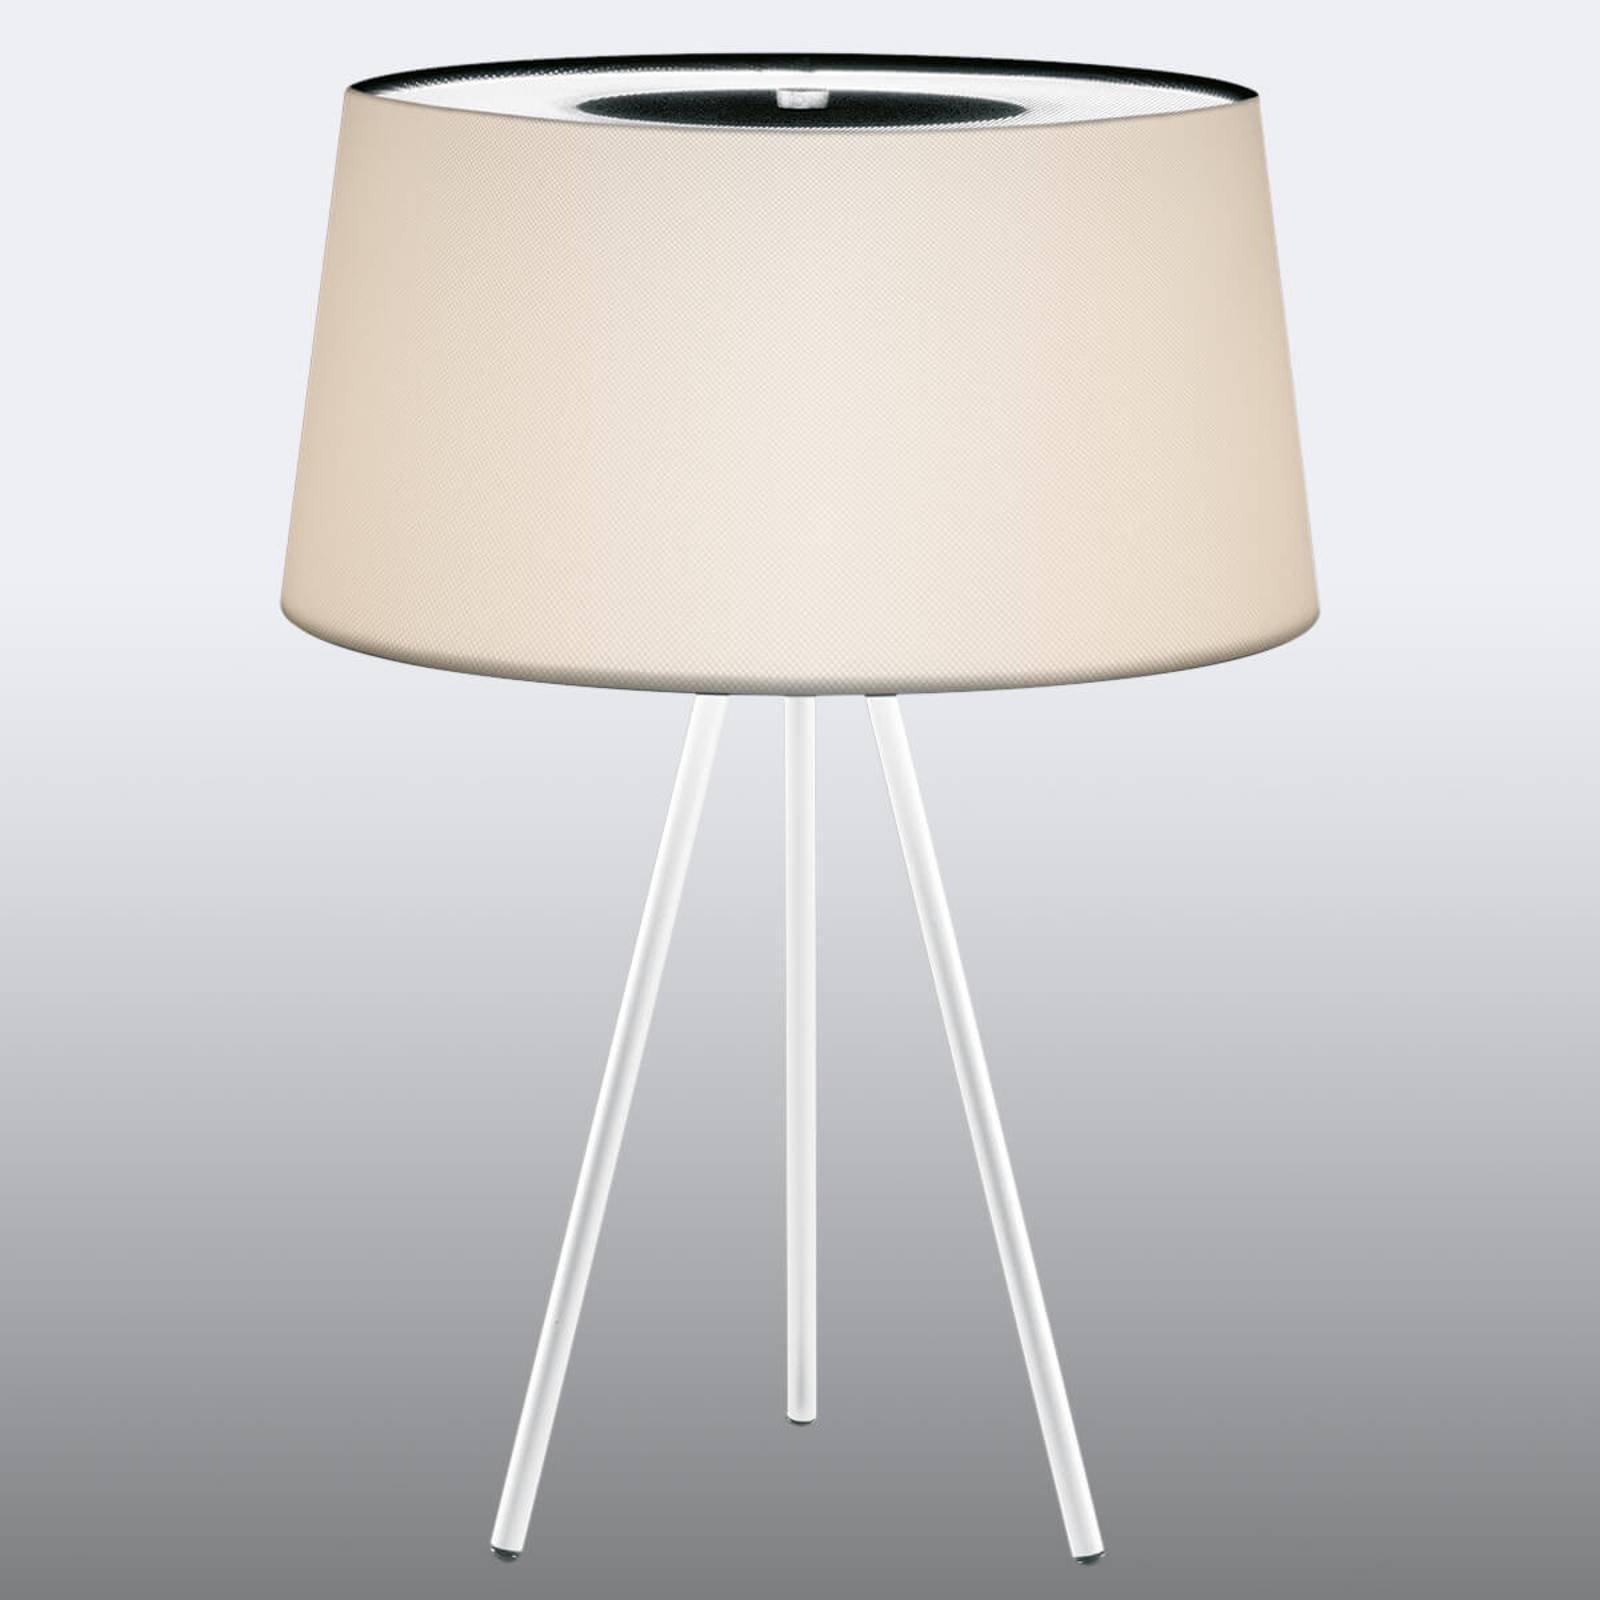 Edel bordlampe Tripod krem/ hvit fot